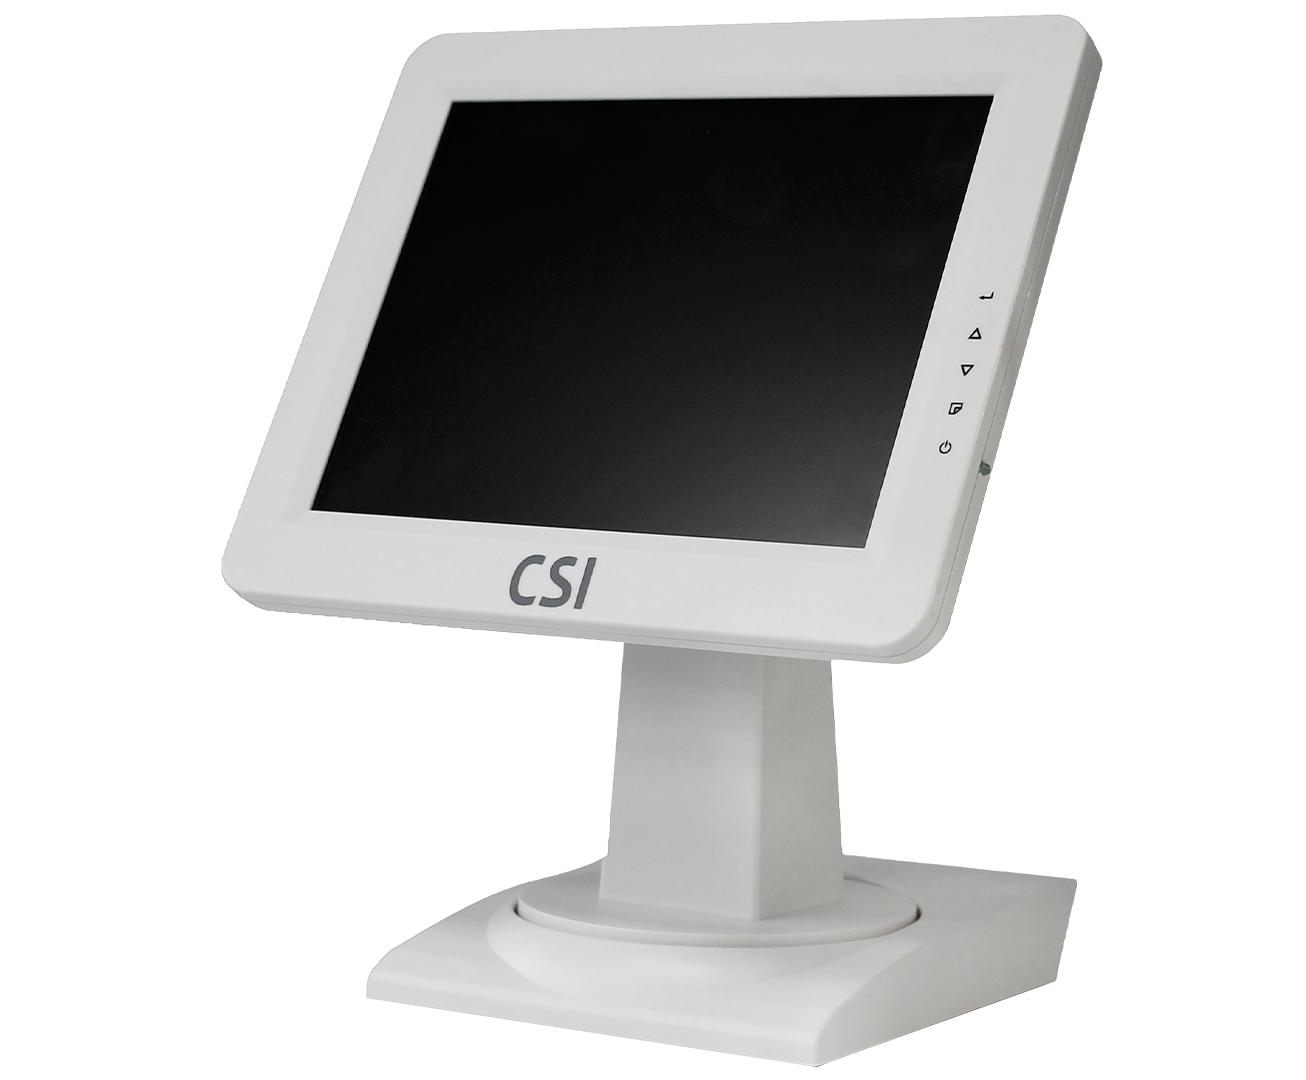 Монитор кассира CSI из комплекта POS-терминала CSI, белый цвет